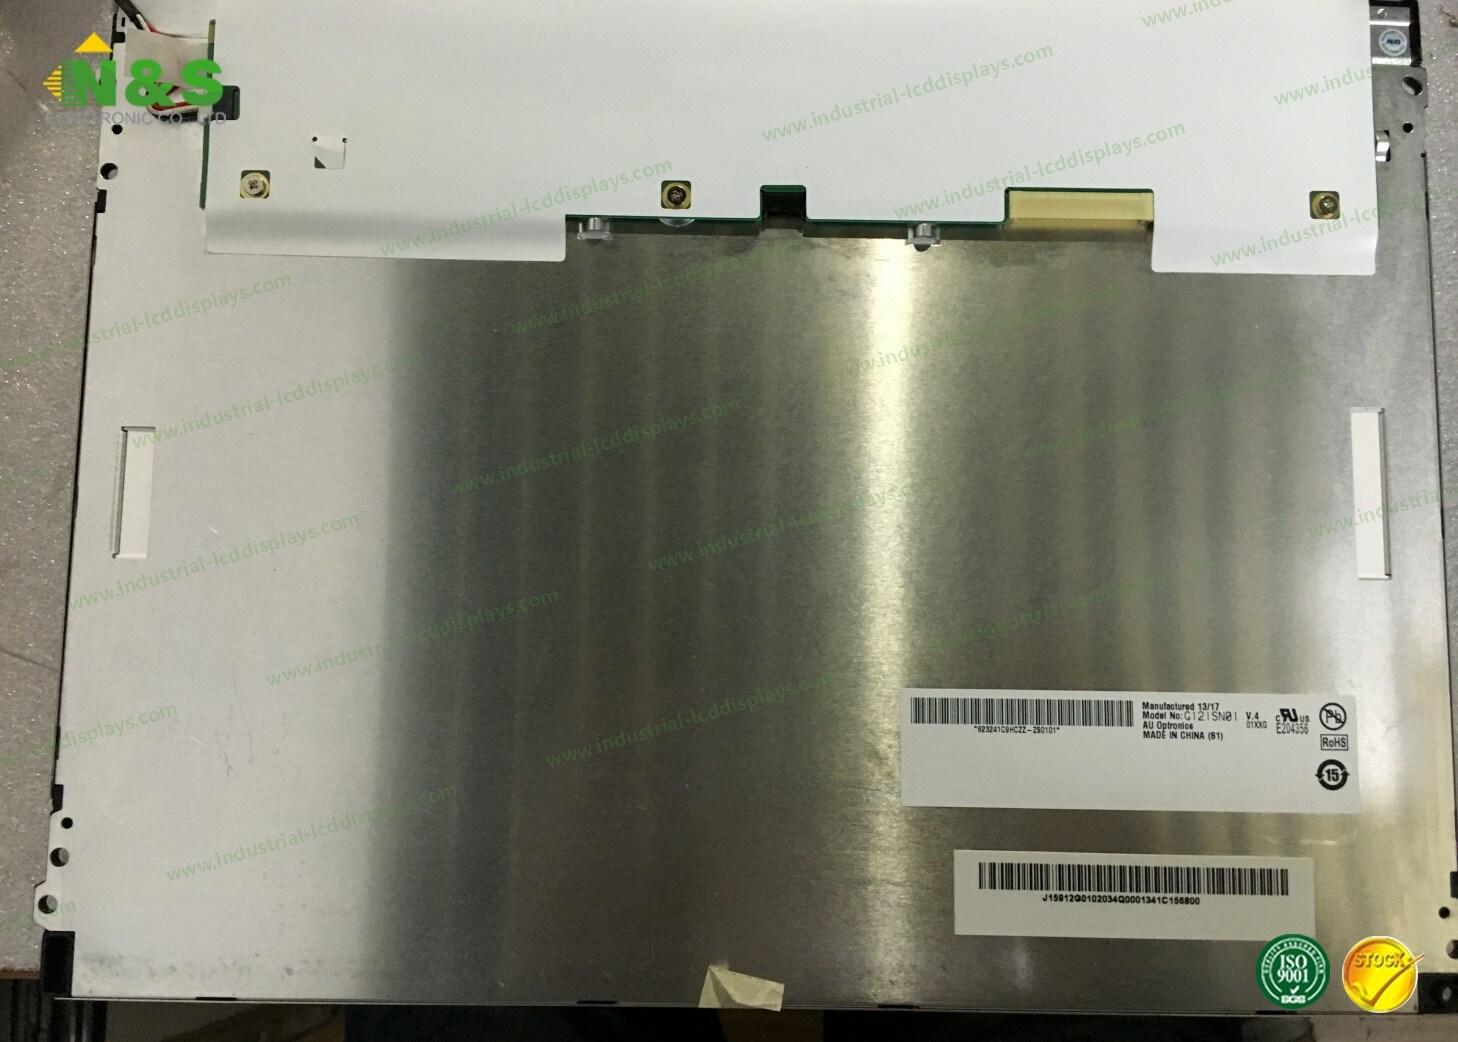 12.1 Inch LCD Display G121sn01 V4